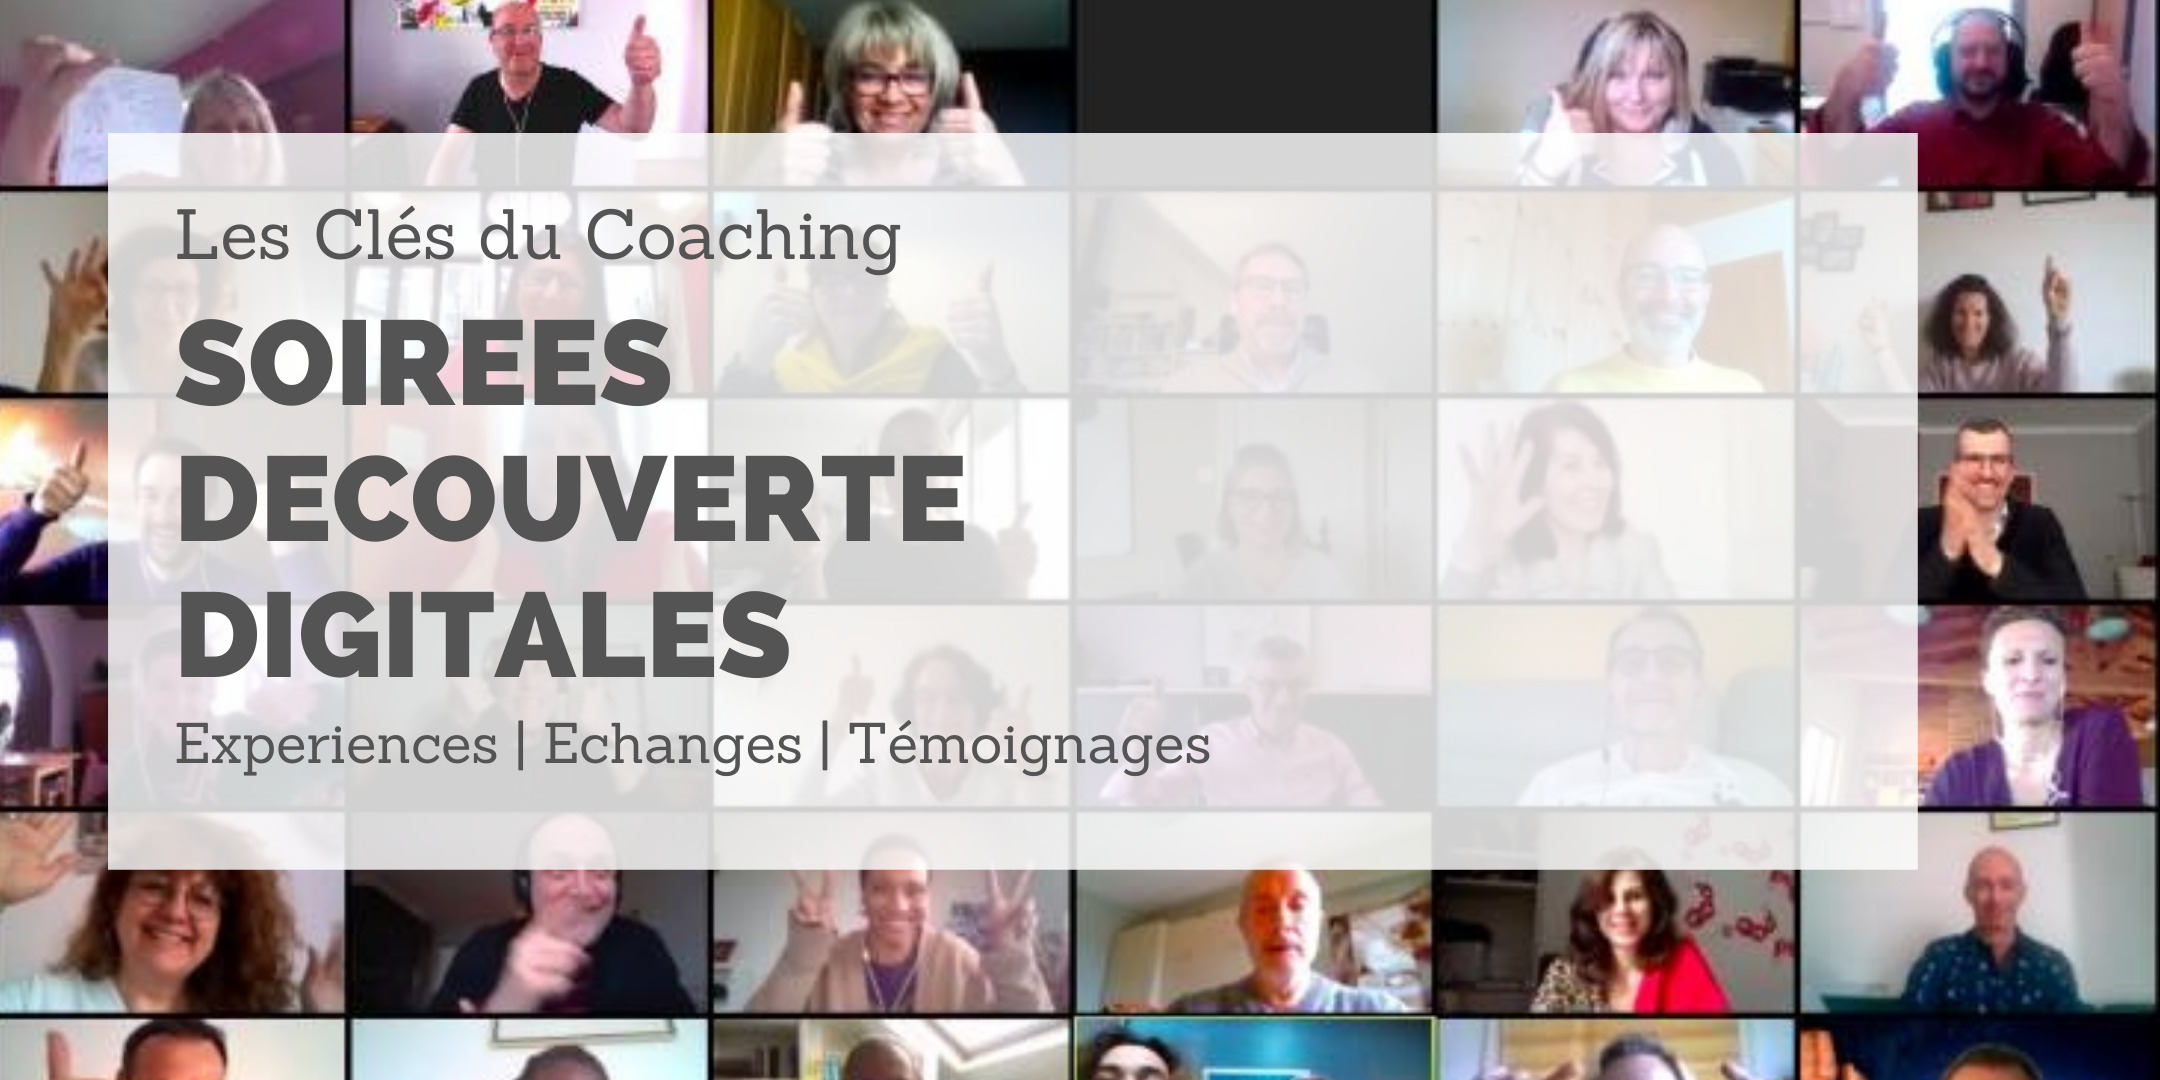 soirées découvertes digitales coaching ways executive